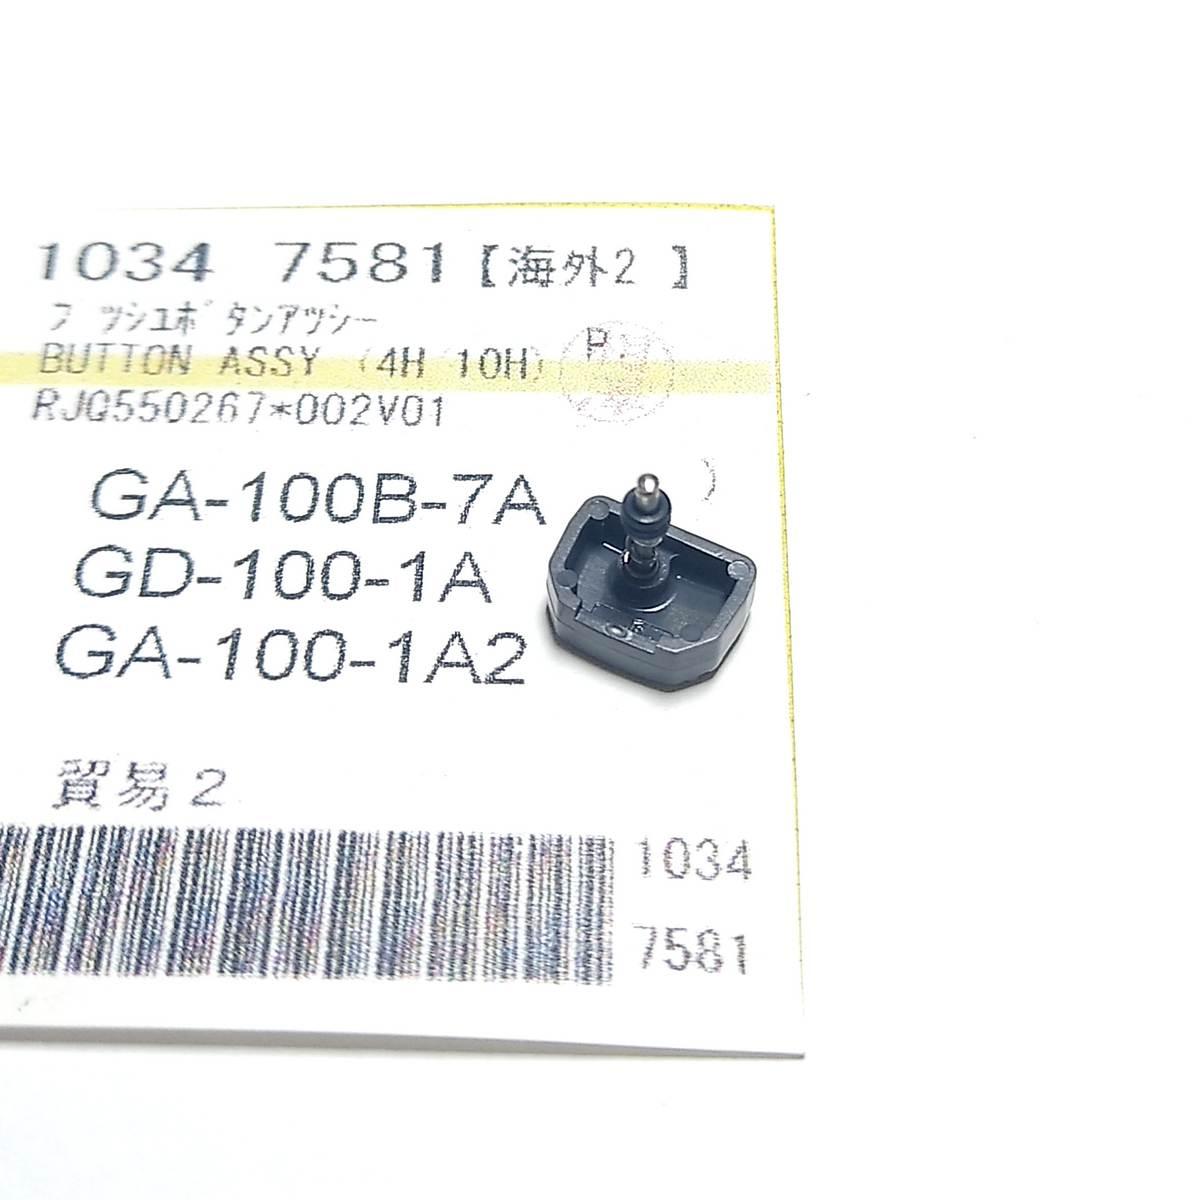 Botão Lateral Casio G-shock GA-100B-7A GD-100-1A GA-100-1A2  (4H) E (10H)  - E-Presentes